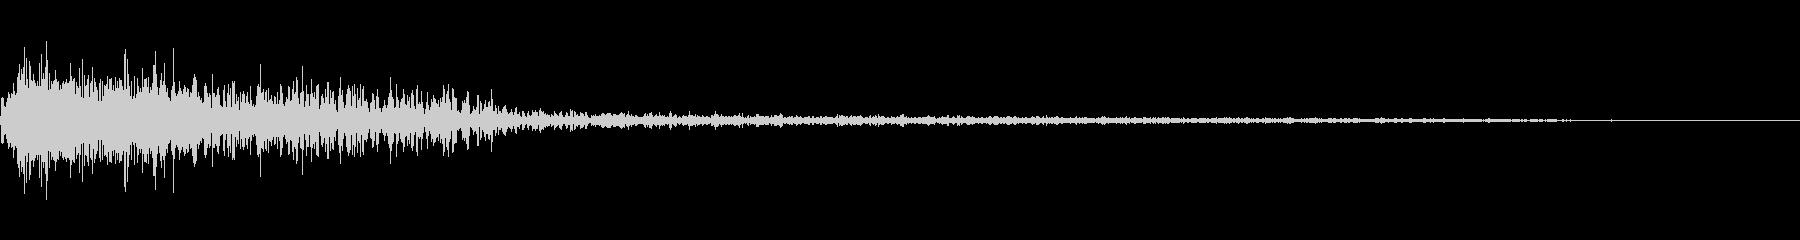 ブラストEC07_65_3の未再生の波形